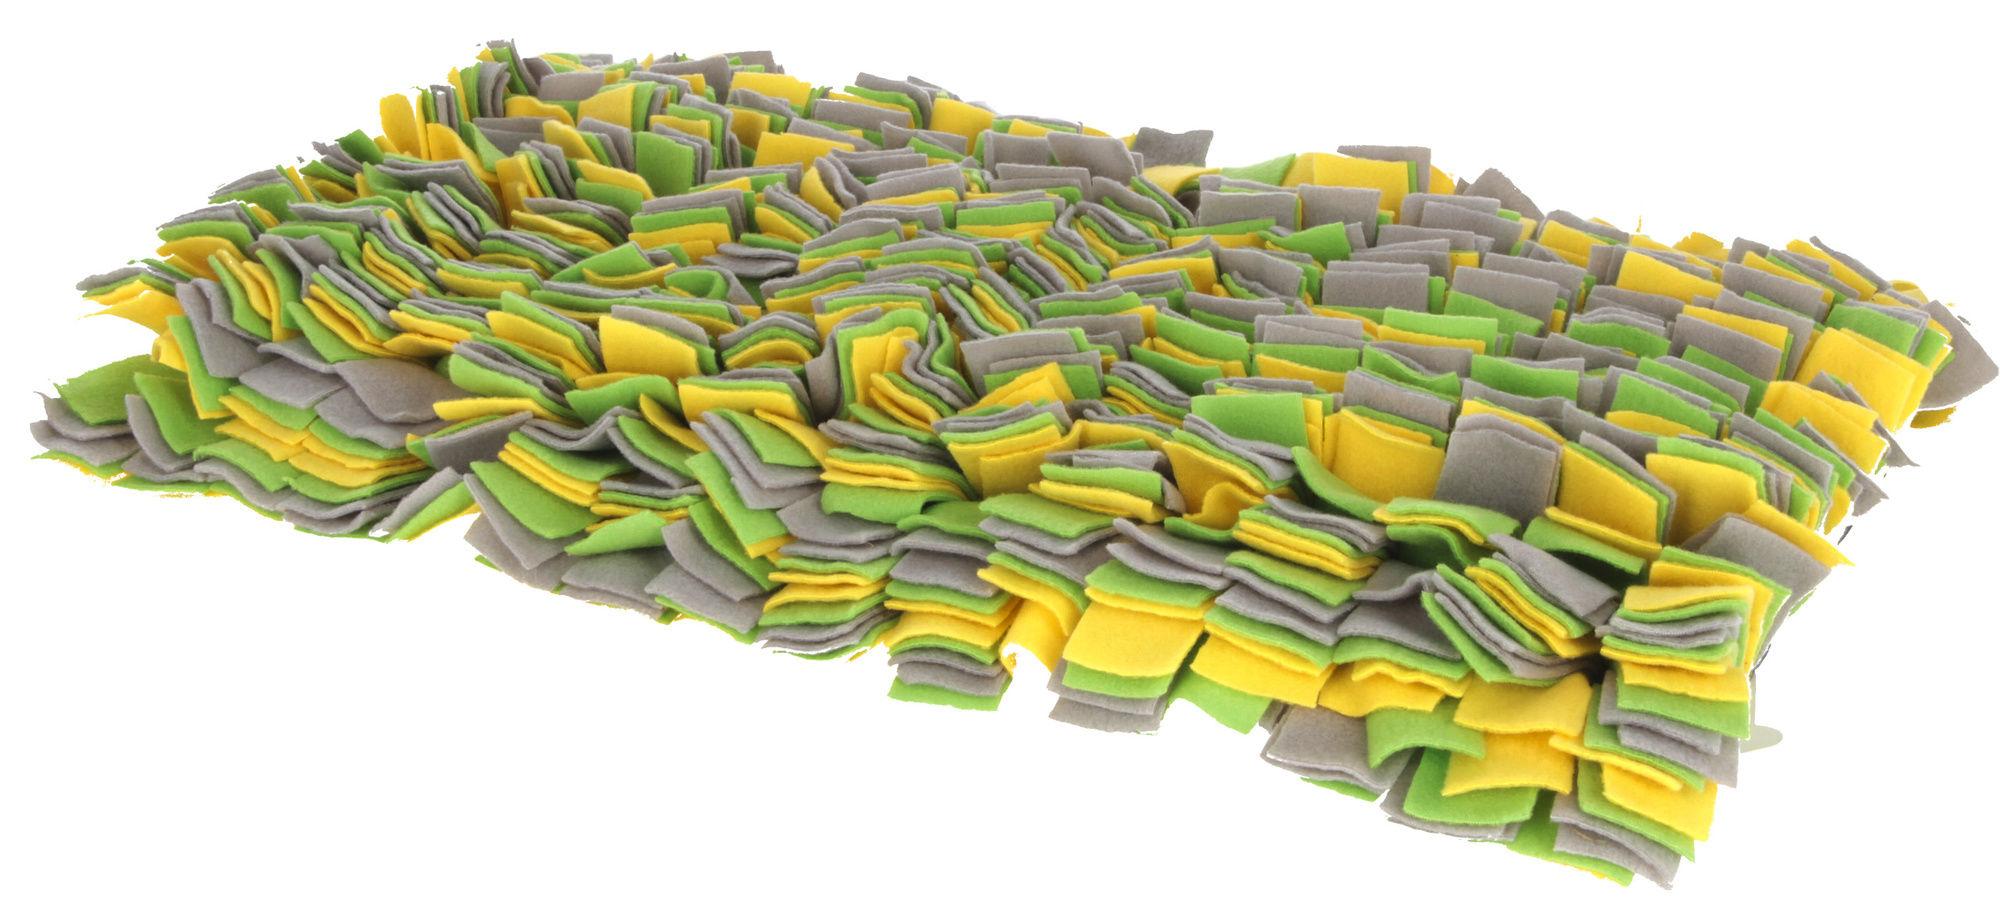 Schnüffelteppich gelb/grün/ grau, 70x50cm